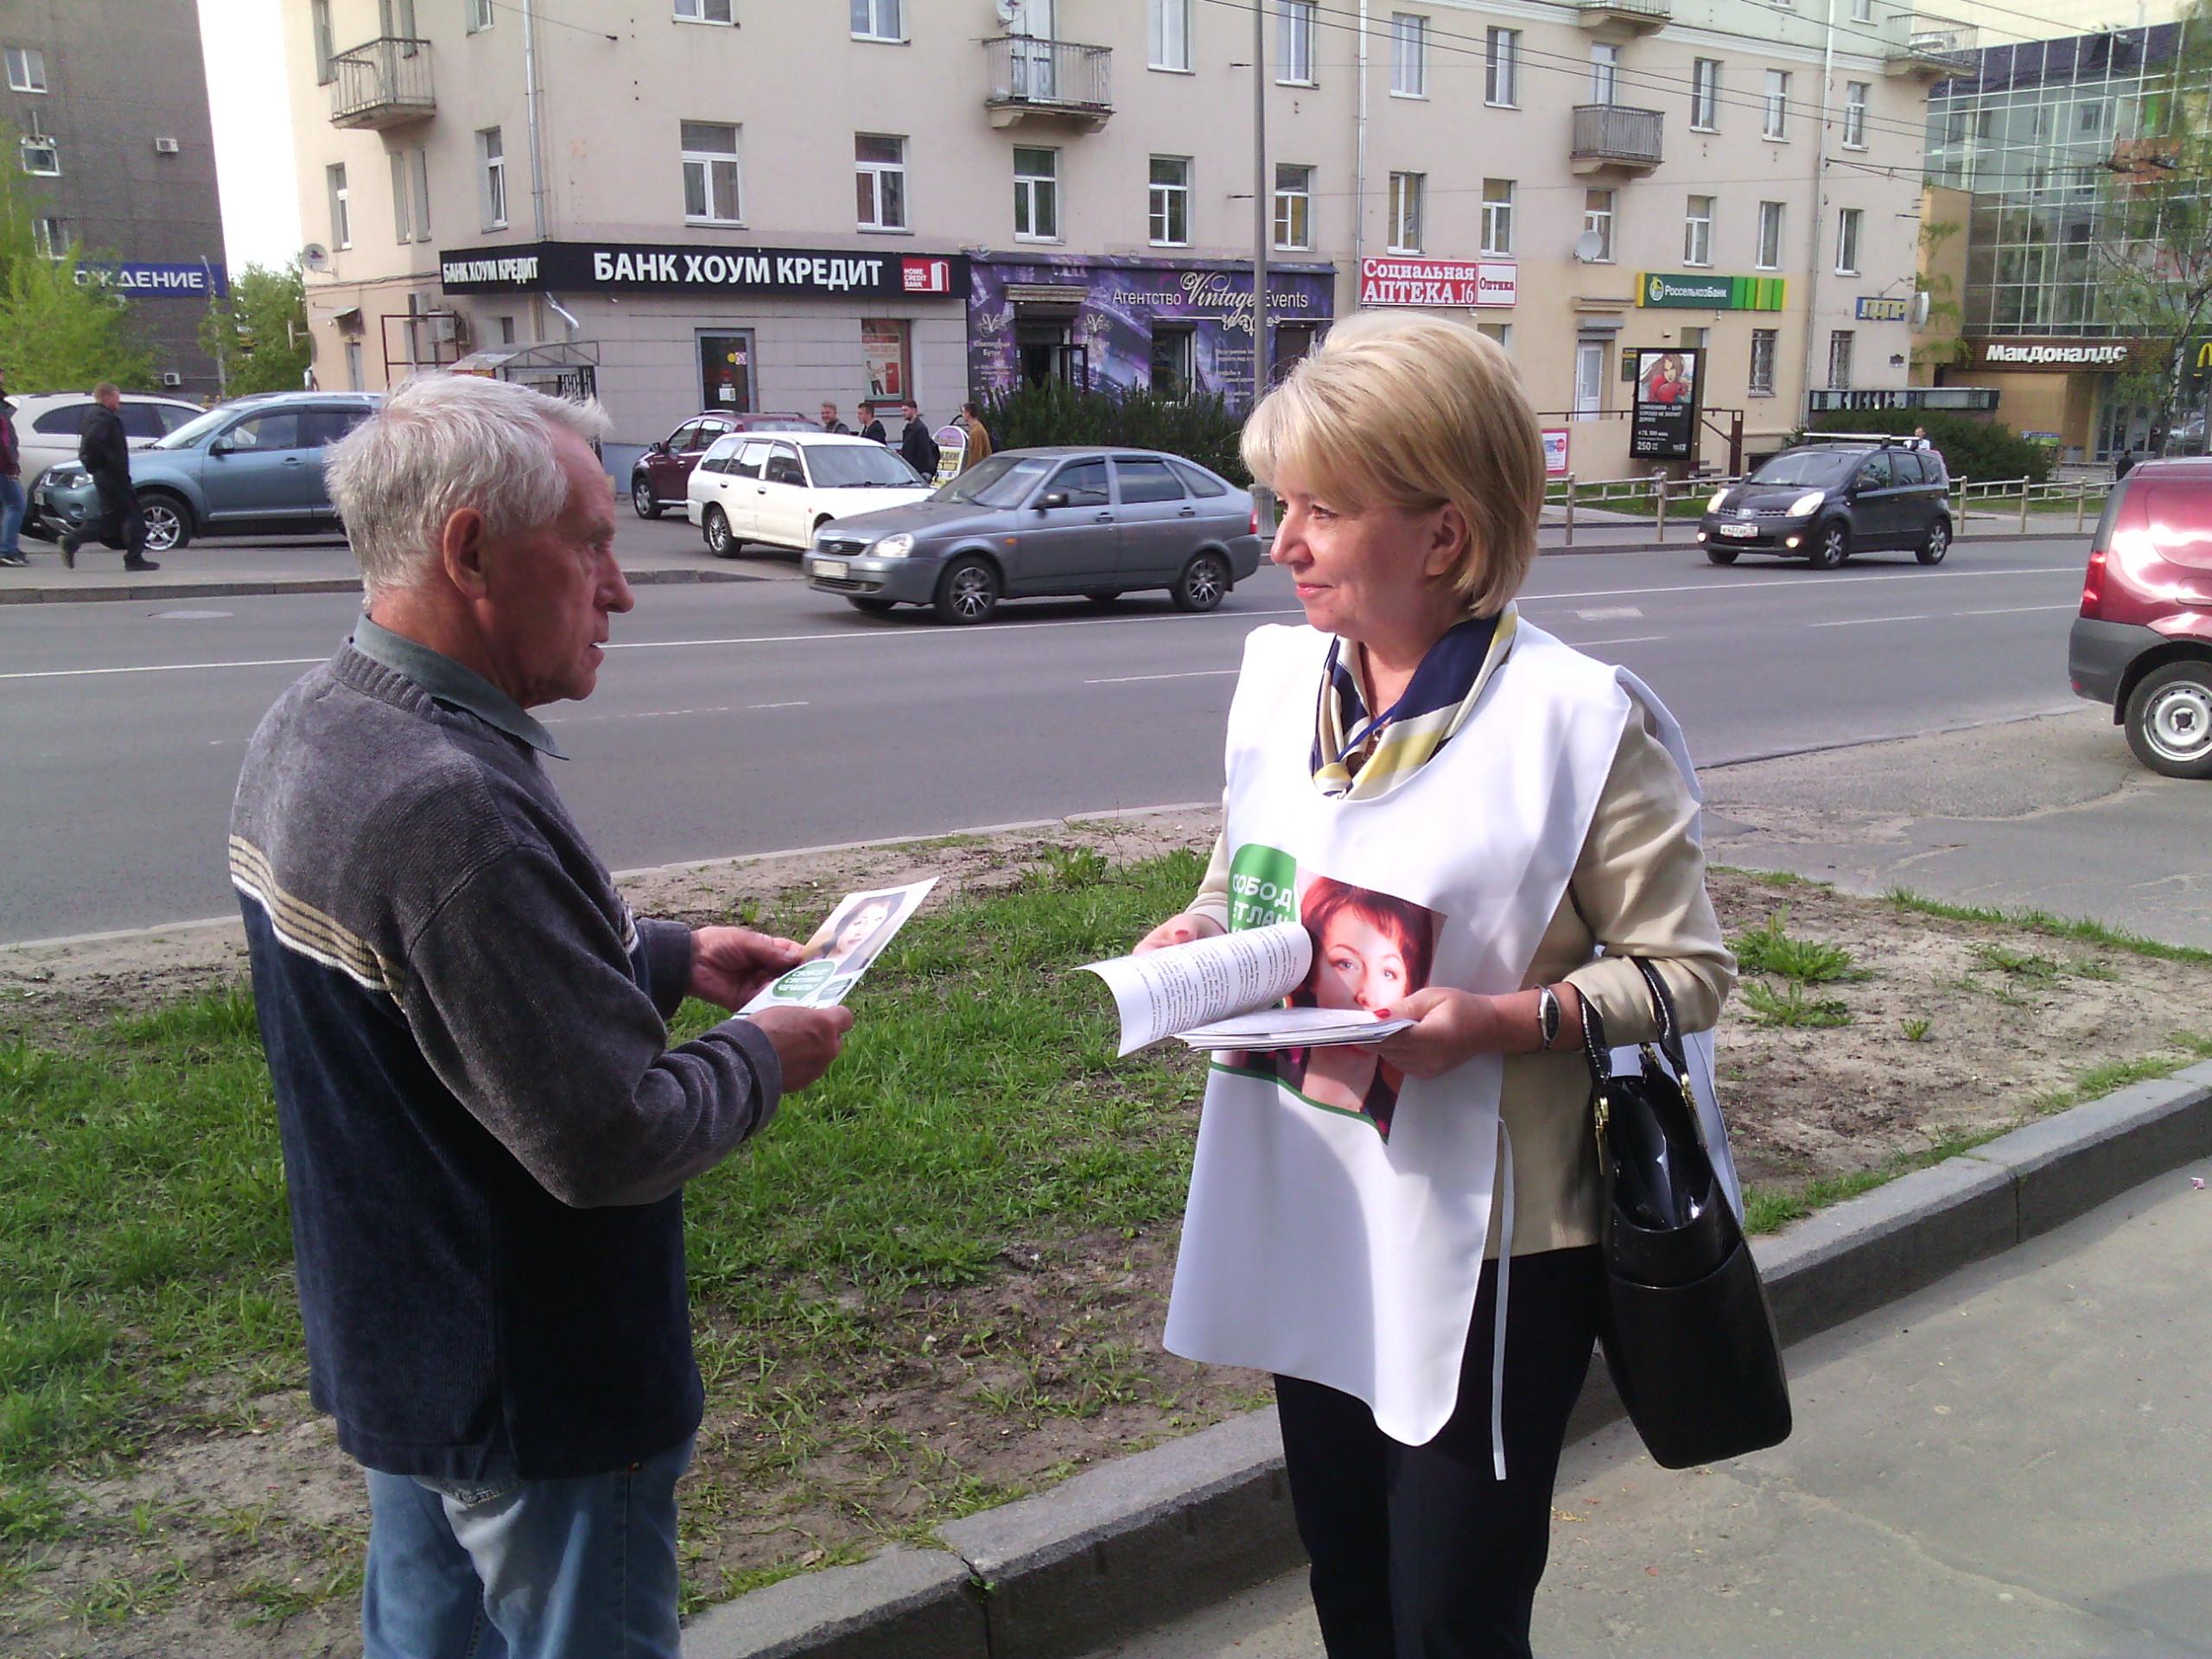 Эмилия Слабунова раздает листовки прохожим. Фото: Валерий Поташов